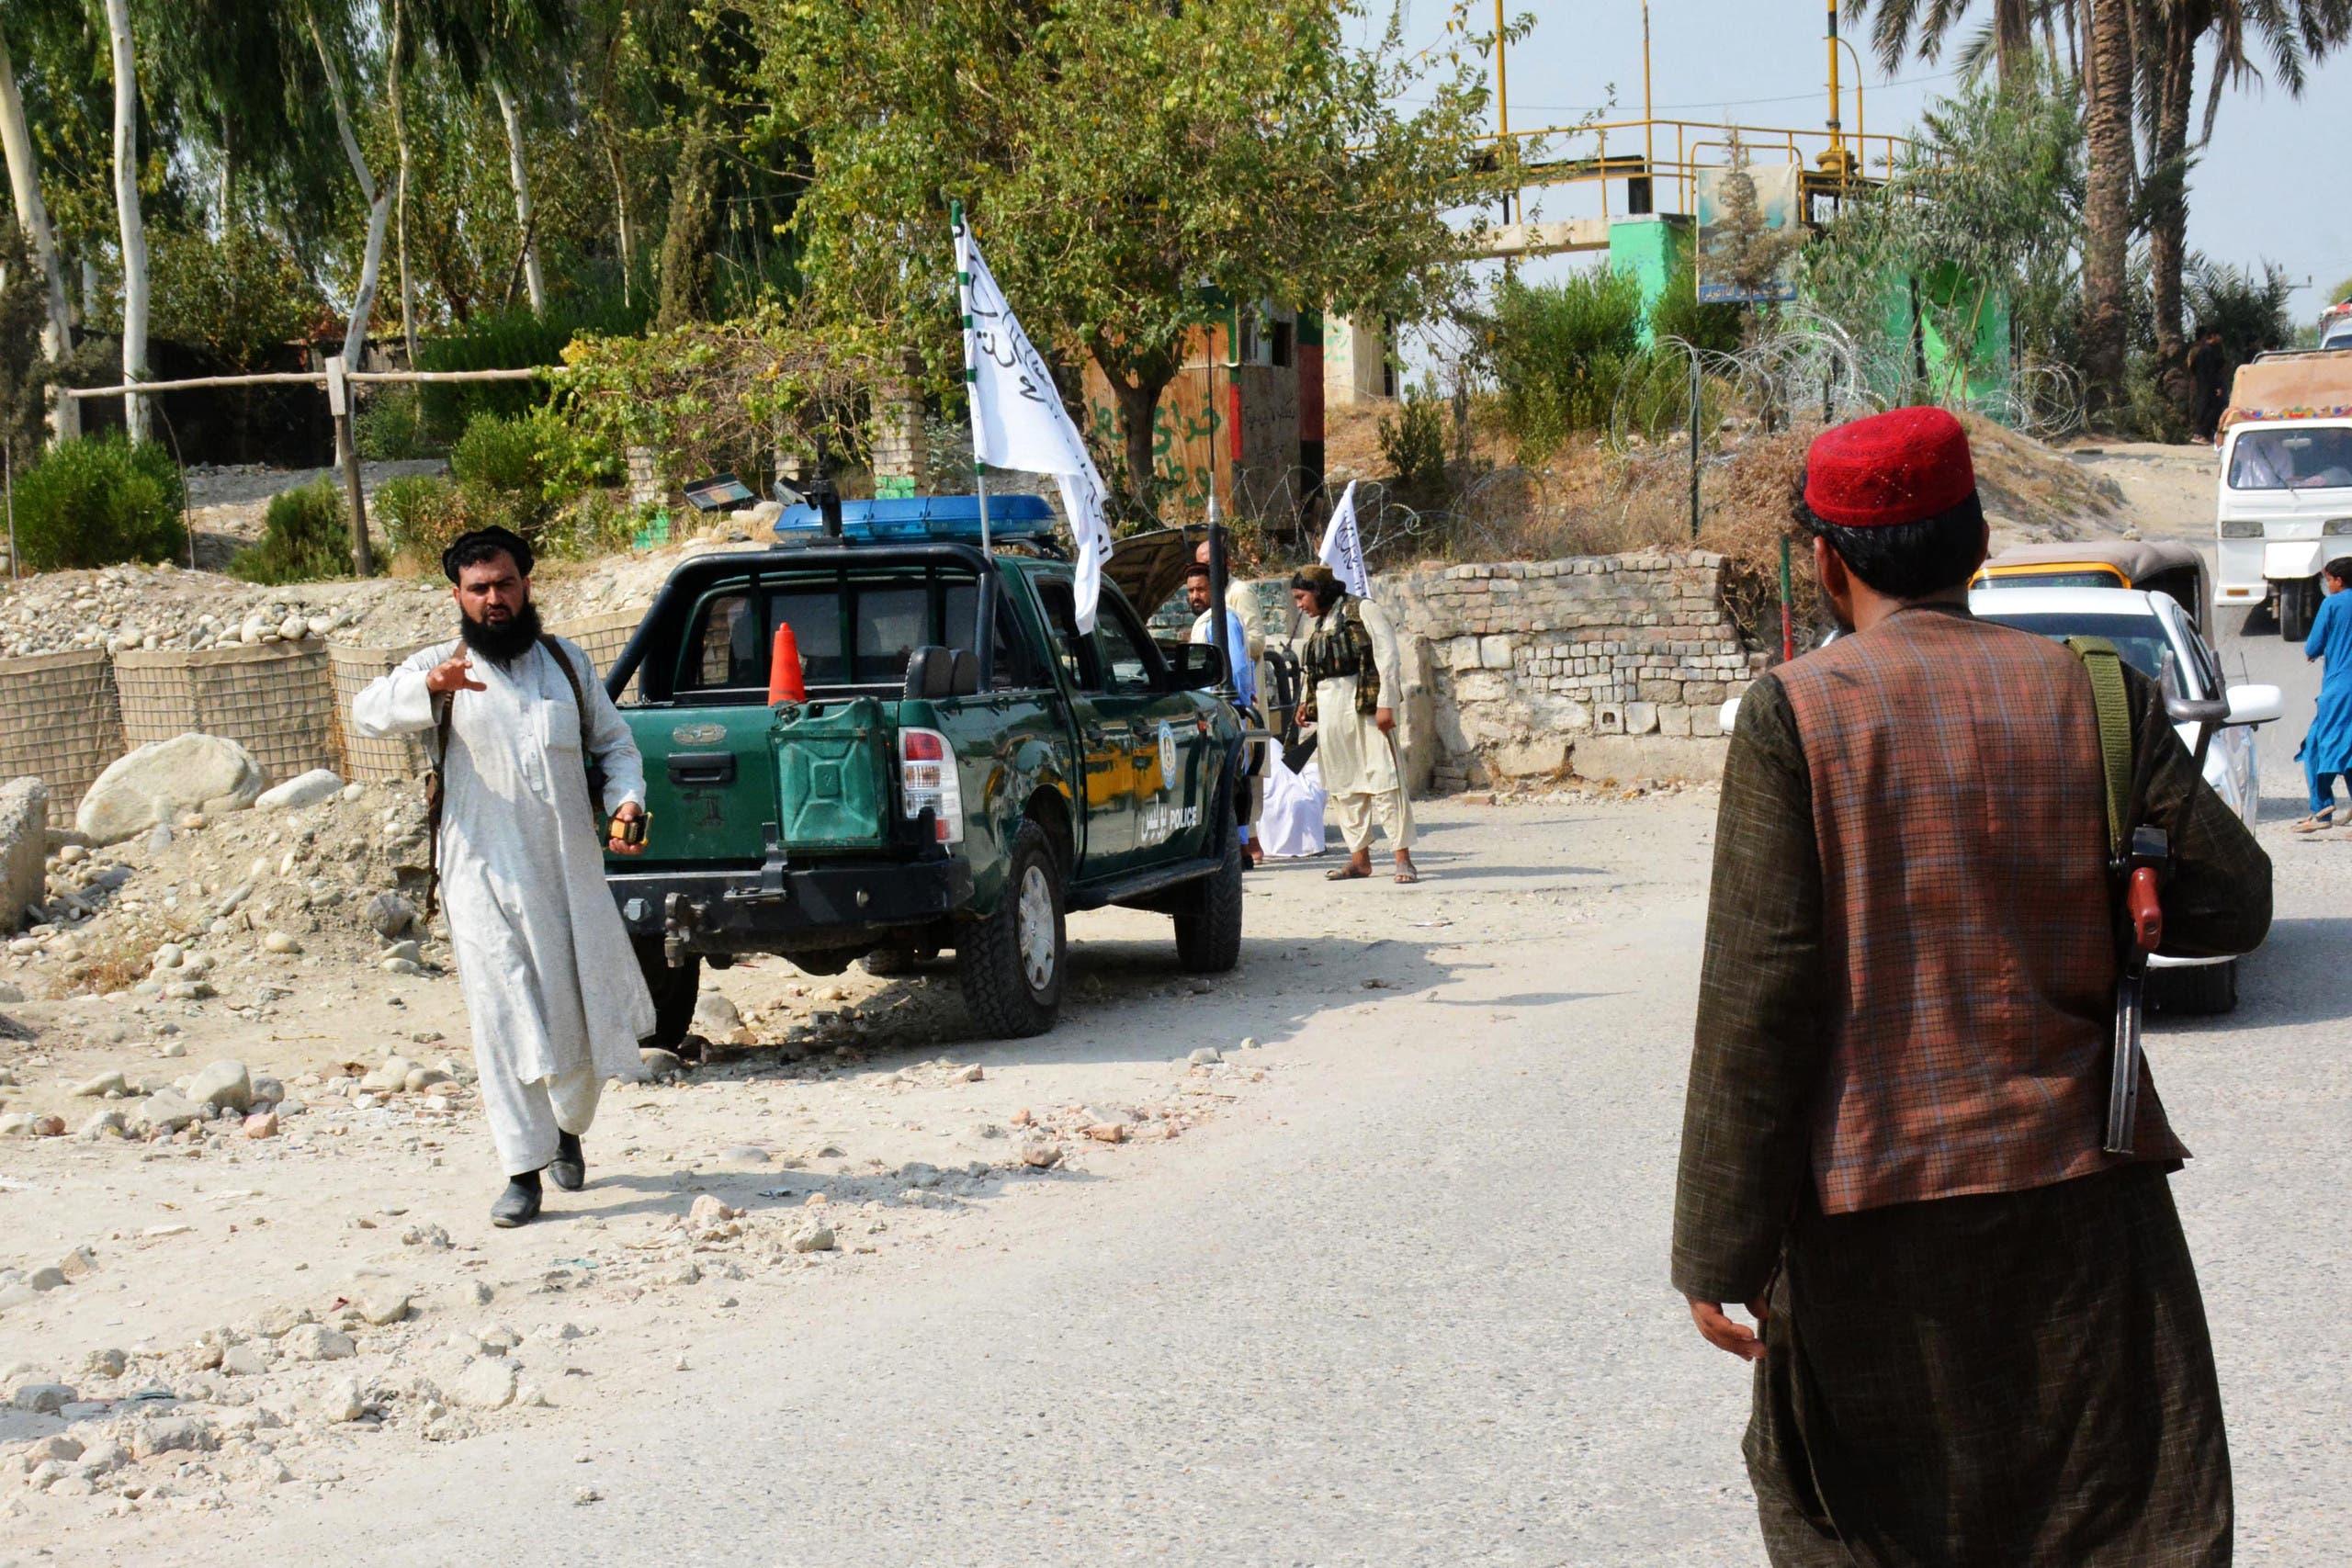 عناصر من طالبان يعاينون موقع تفيجر وقع في جلال أباد في 18 سبتمبر الماضي